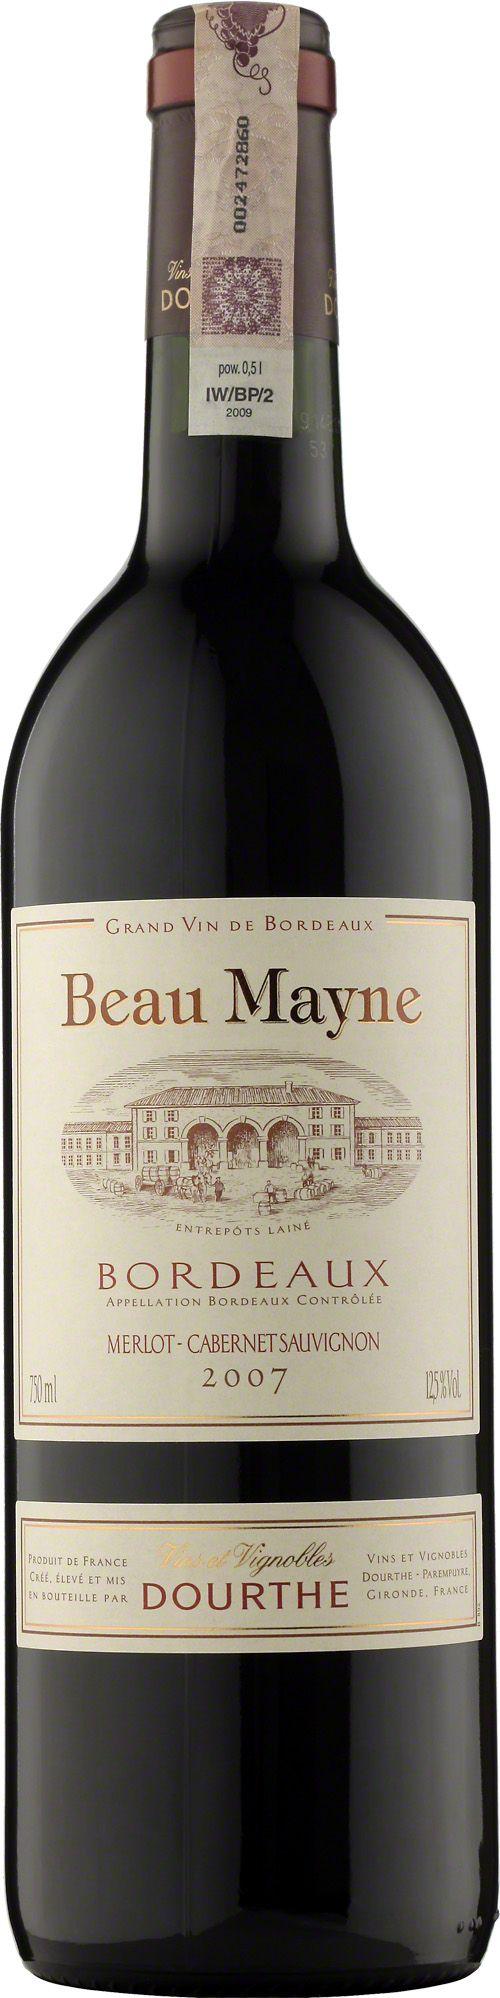 Dourthe Beau Mayne Bordeaux A.O.C. Rouge Wino o pięknej, głębokiej, czerwonej barwie i aromacie czerwonych dojrzałych owoców. W smaku łagodne, aksamitne z elegancko wkomponowanymi taninami i przyjemnym, owocowym finiszem. #Dourthe #Bordeaux #Wino #Winezja